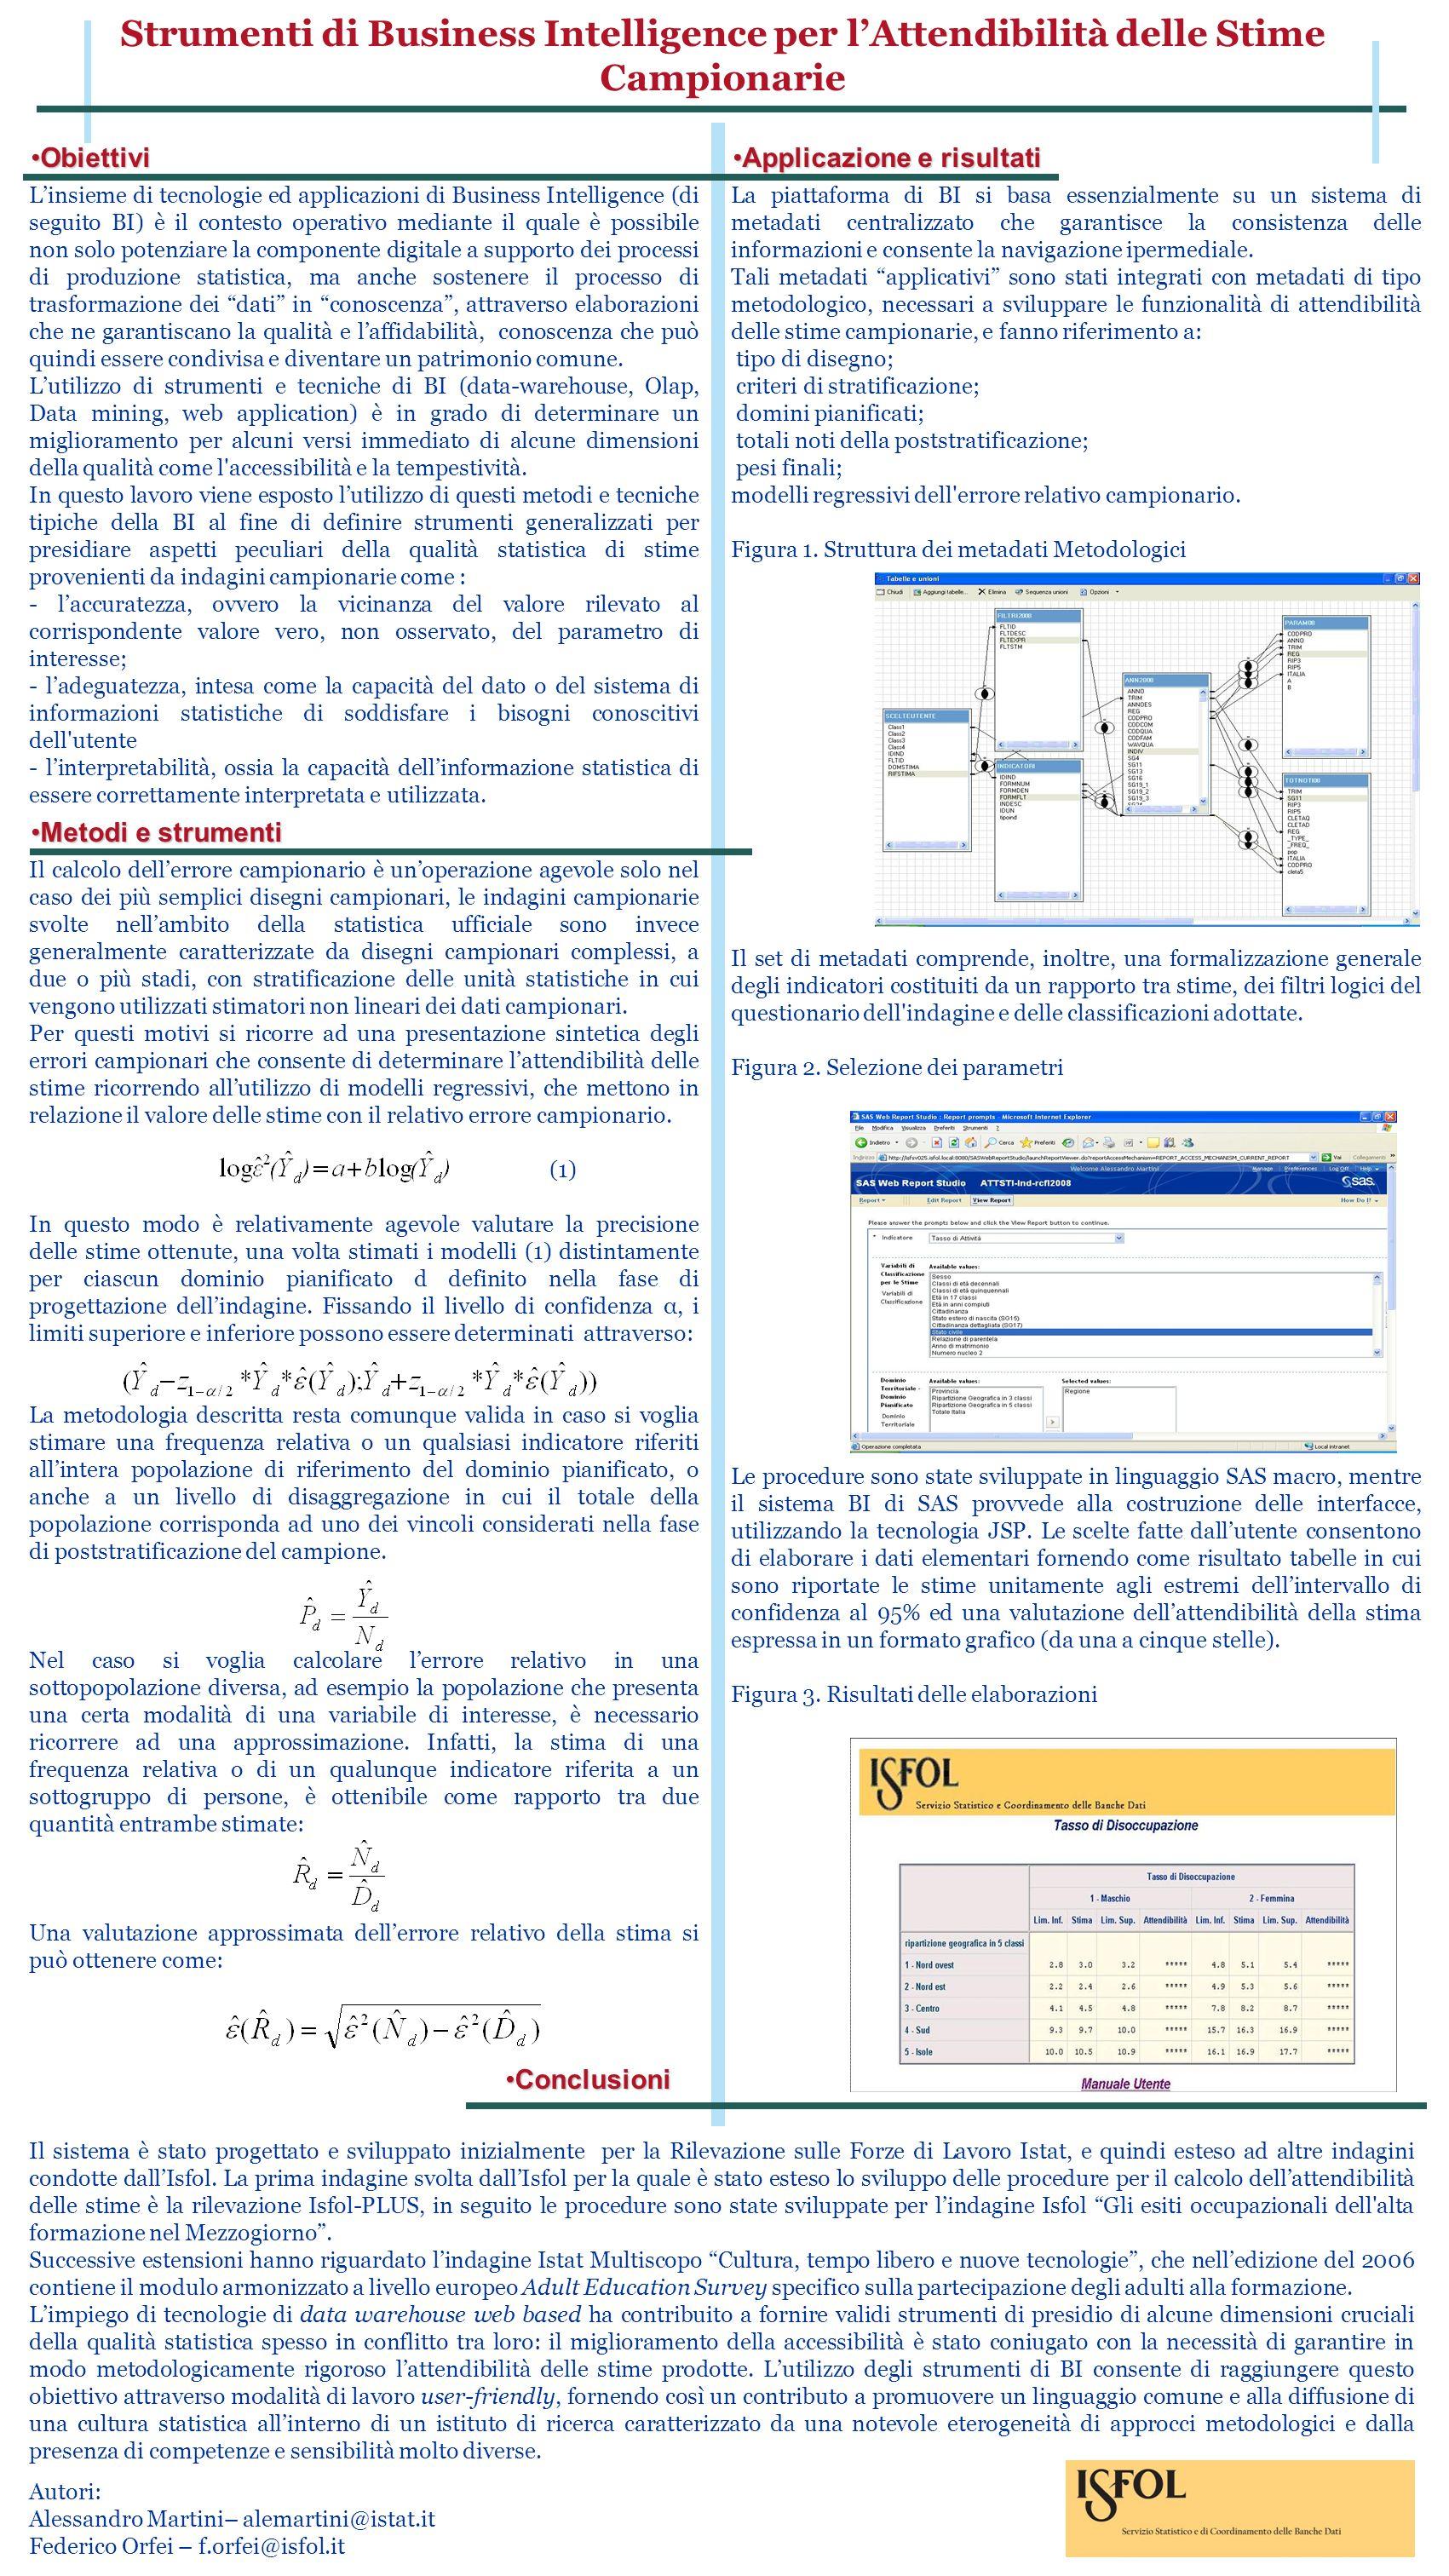 La piattaforma di BI si basa essenzialmente su un sistema di metadati centralizzato che garantisce la consistenza delle informazioni e consente la nav